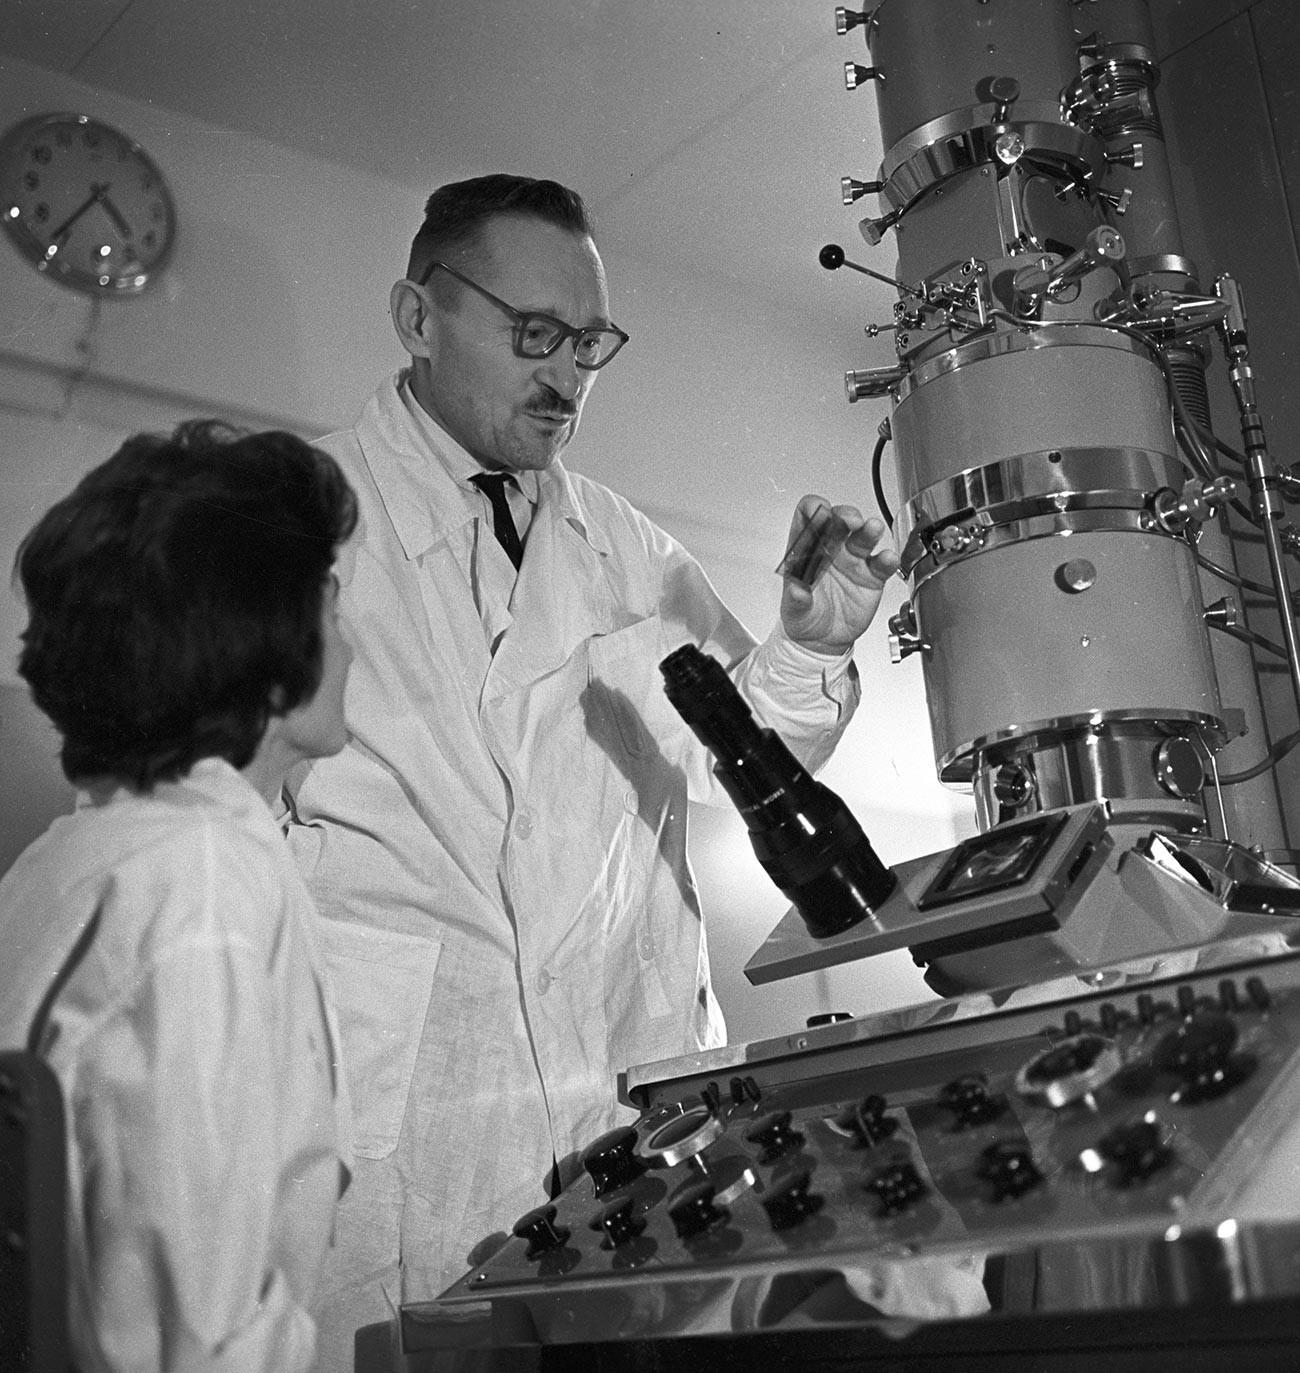 Ilmuwan Soviet Viktor M. Zhdanov dengan tegas membantah bahwa AIDS diciptakan secara artifisial.